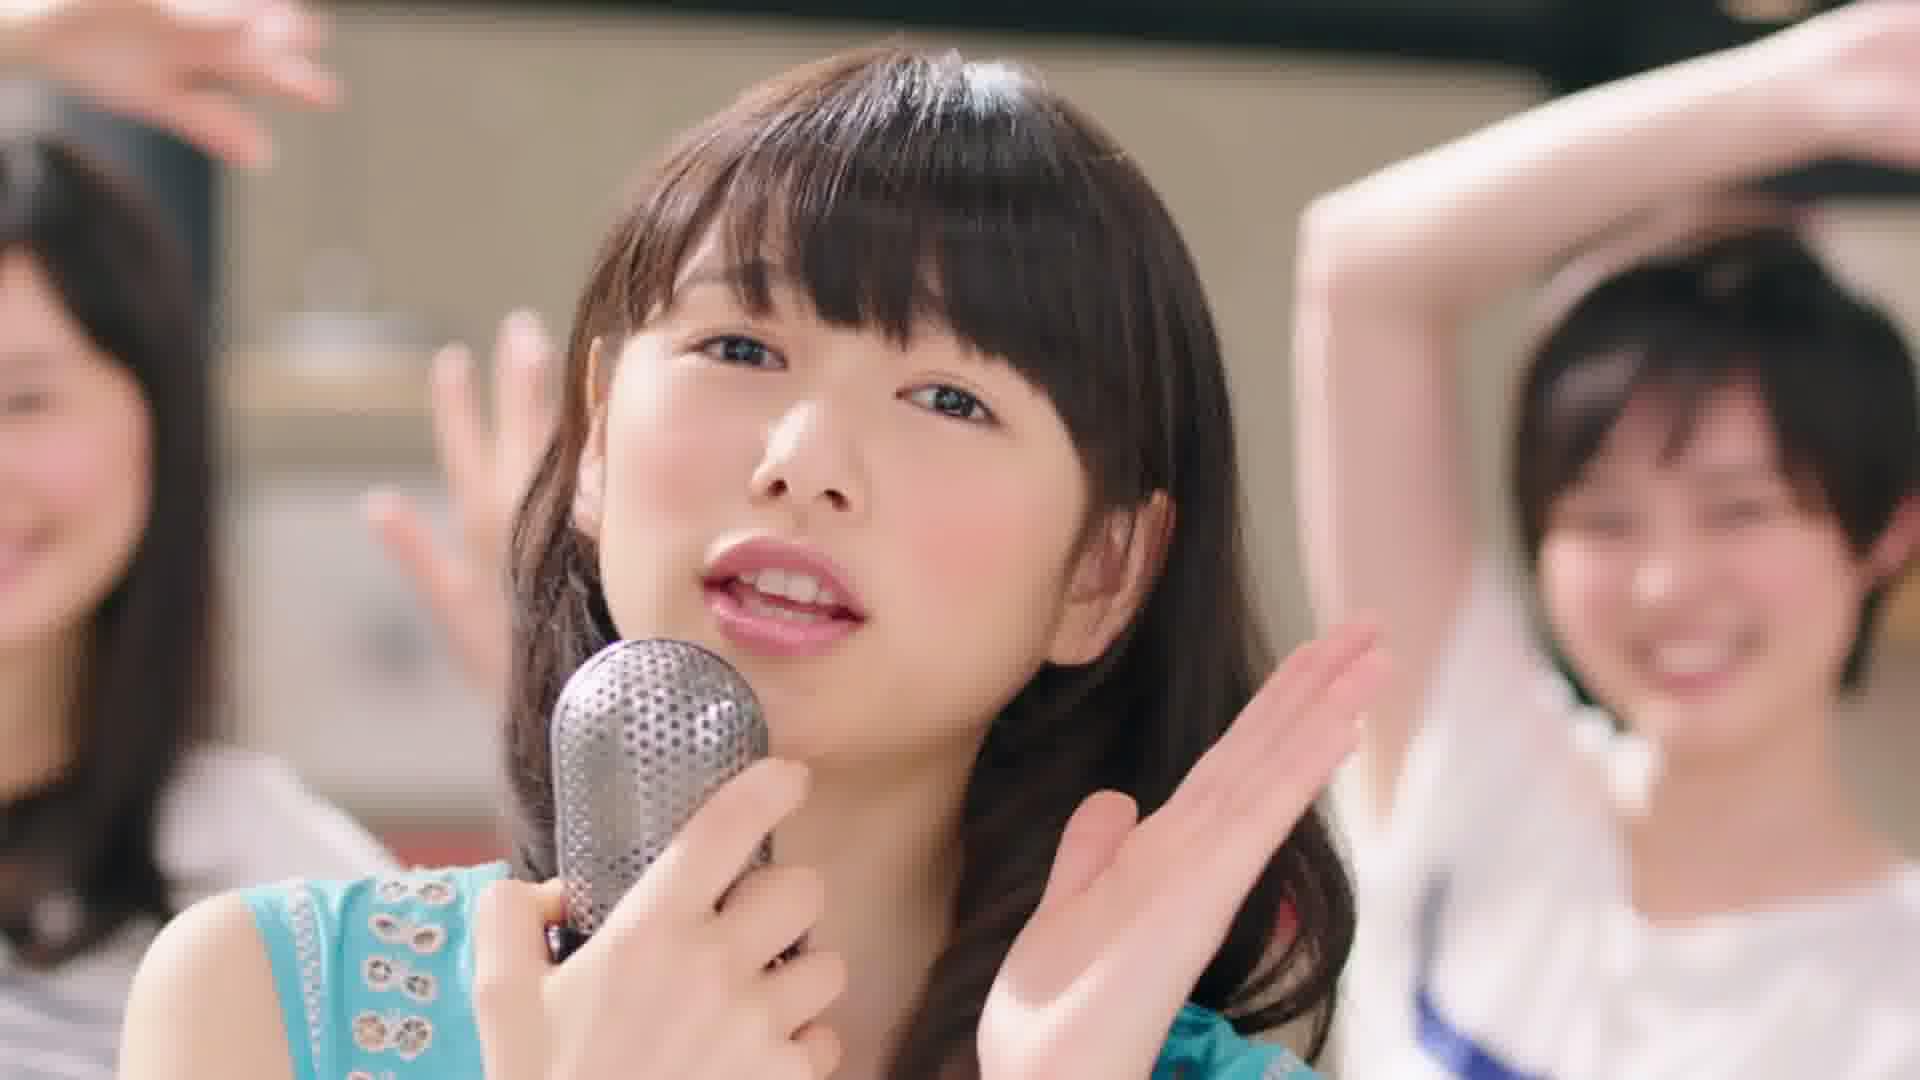 桜井日奈子のアイコラヌード&最新グラビアエロ画像61枚・41枚目の画像